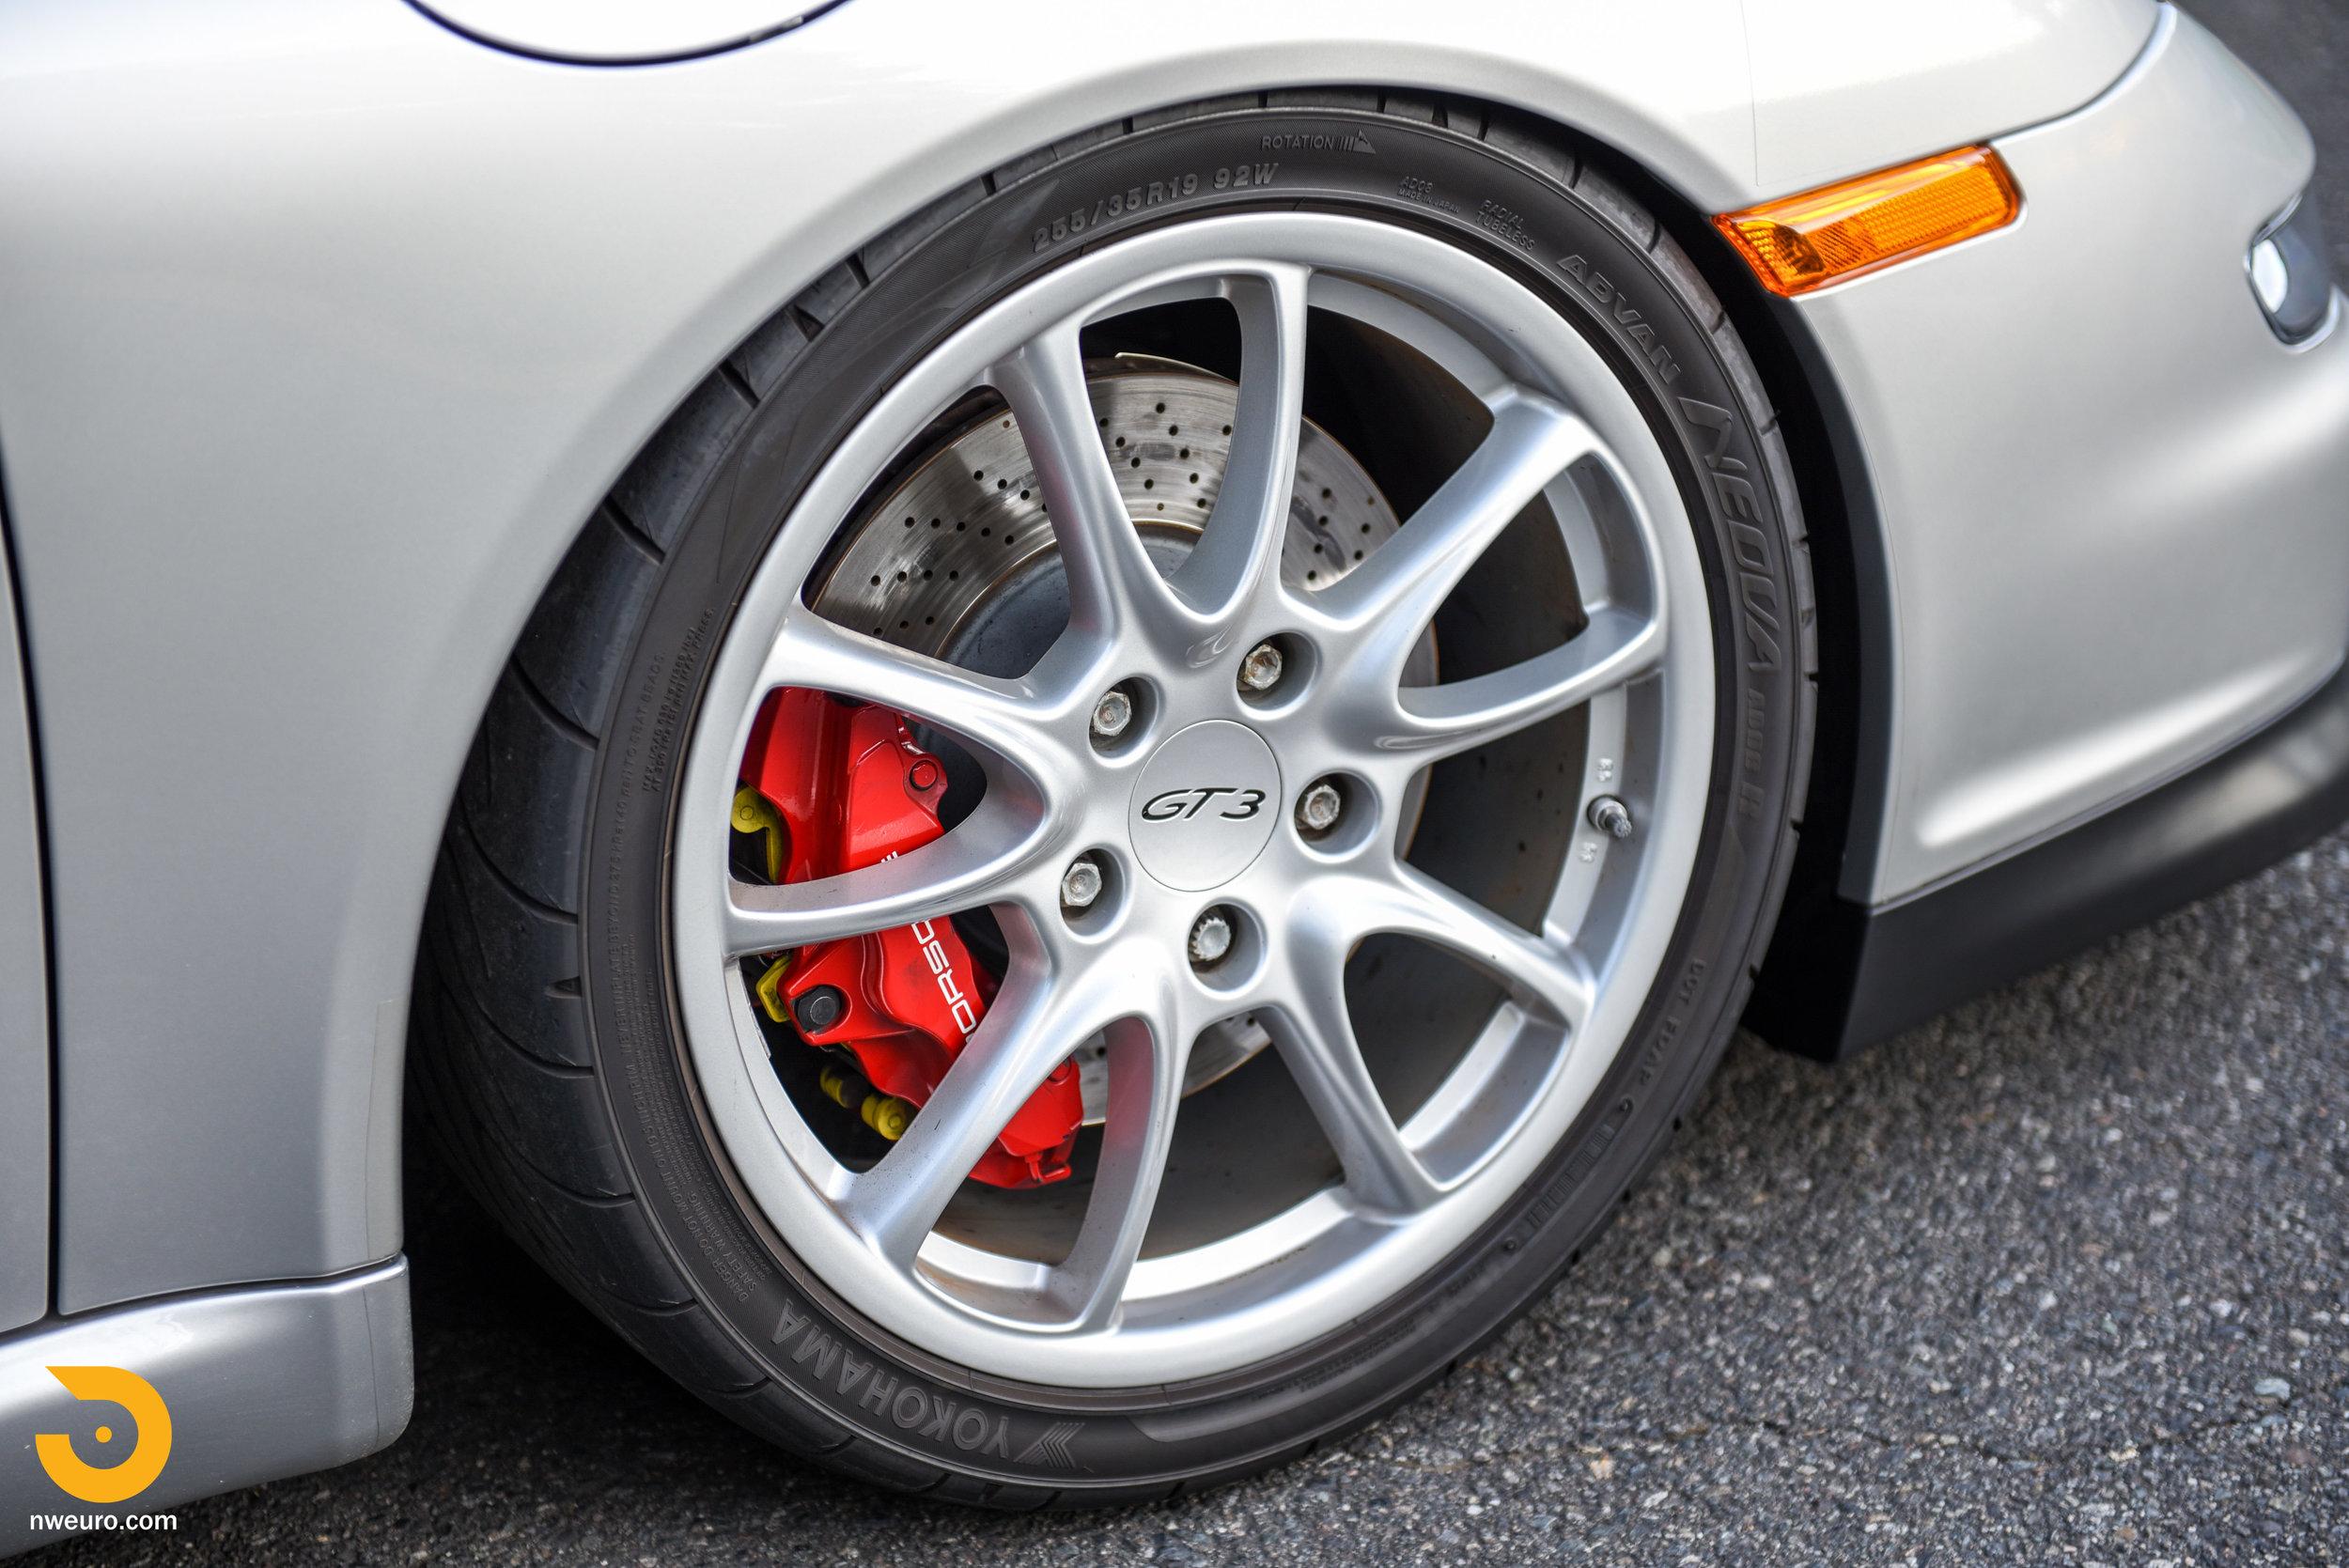 2007 Porsche GT3-31.jpg